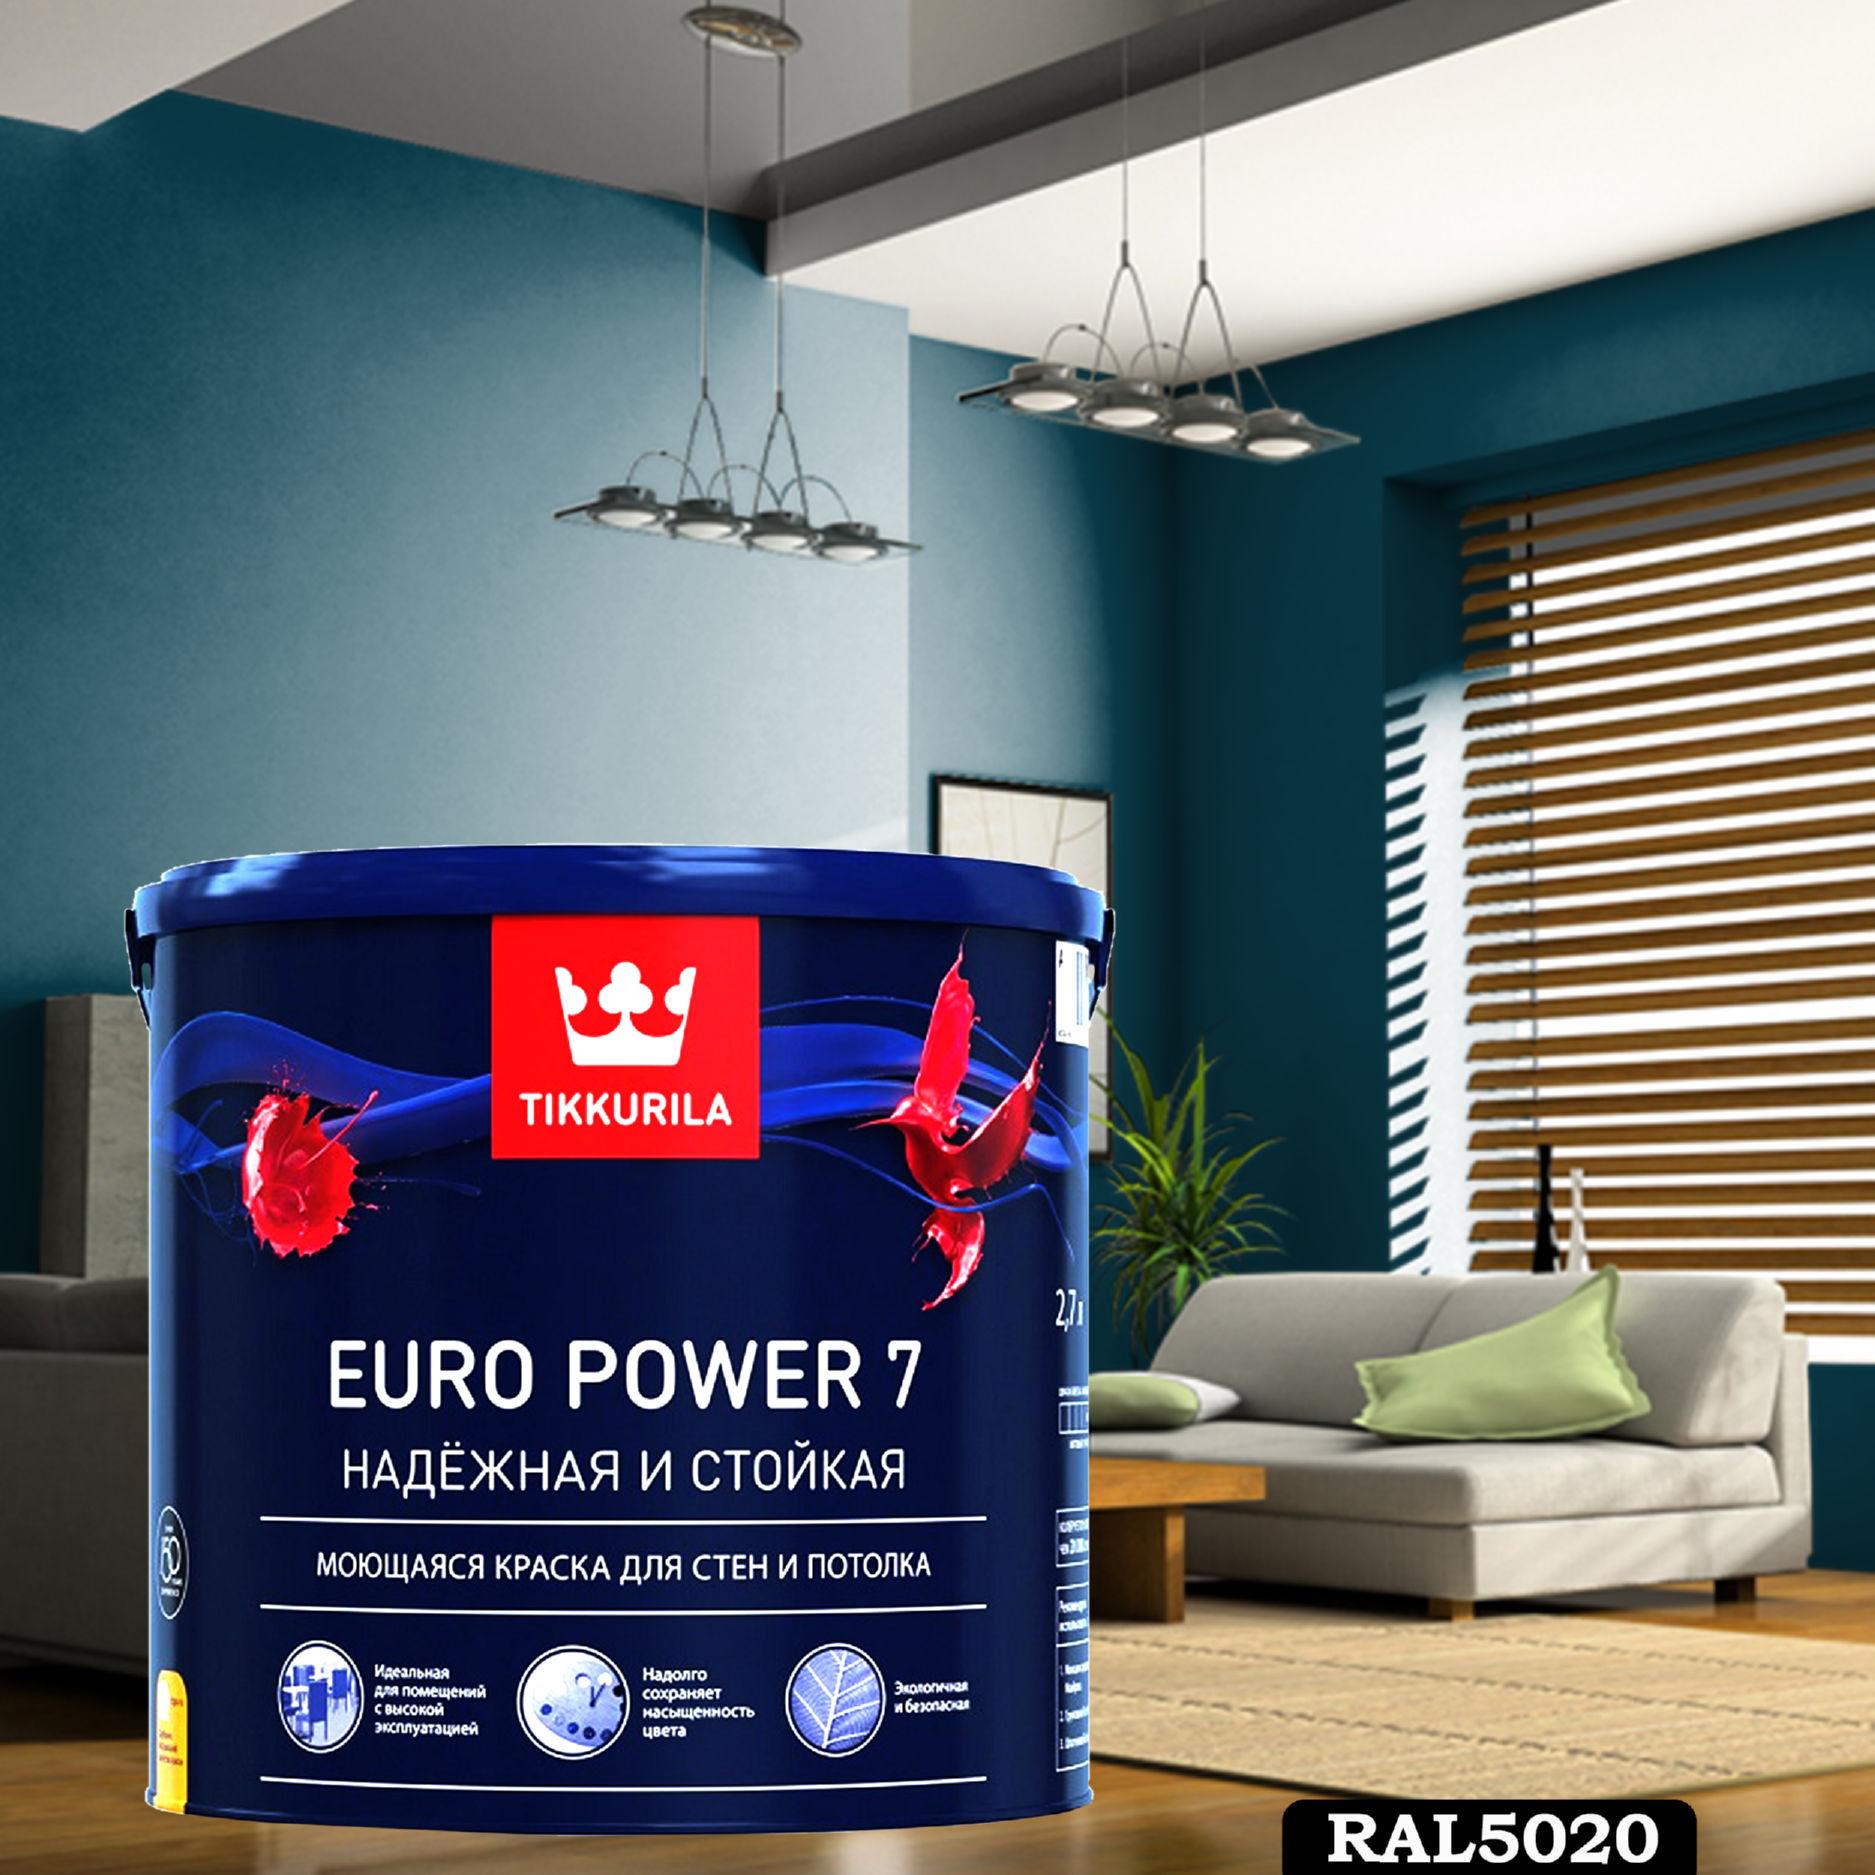 Фото 19 - Краска TIKKURILA Euro Power 7,  RAL 5020 Океанская-синь, латексная моющаяся матовая интерьерная, 9 л.